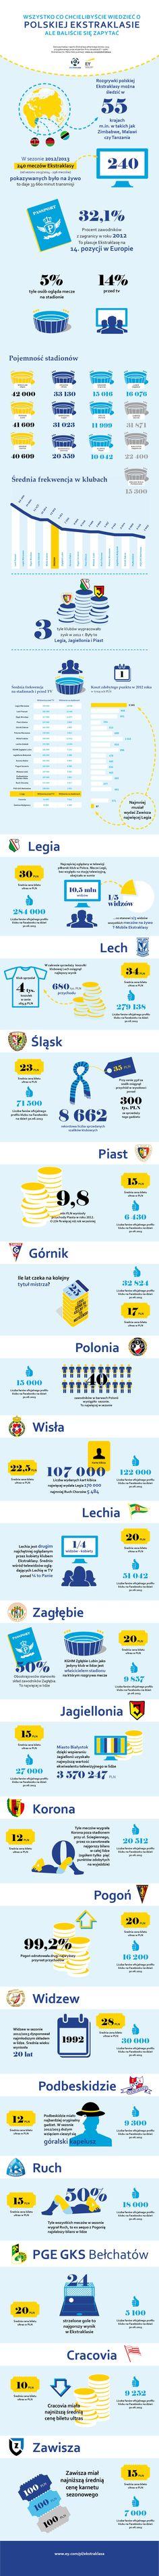 Raport Ekstraklasa piłkarskiego biznesu 2013. Publikację przygotowali eksperci z firmy doradczej EY i spółki Ekstraklasa SA.